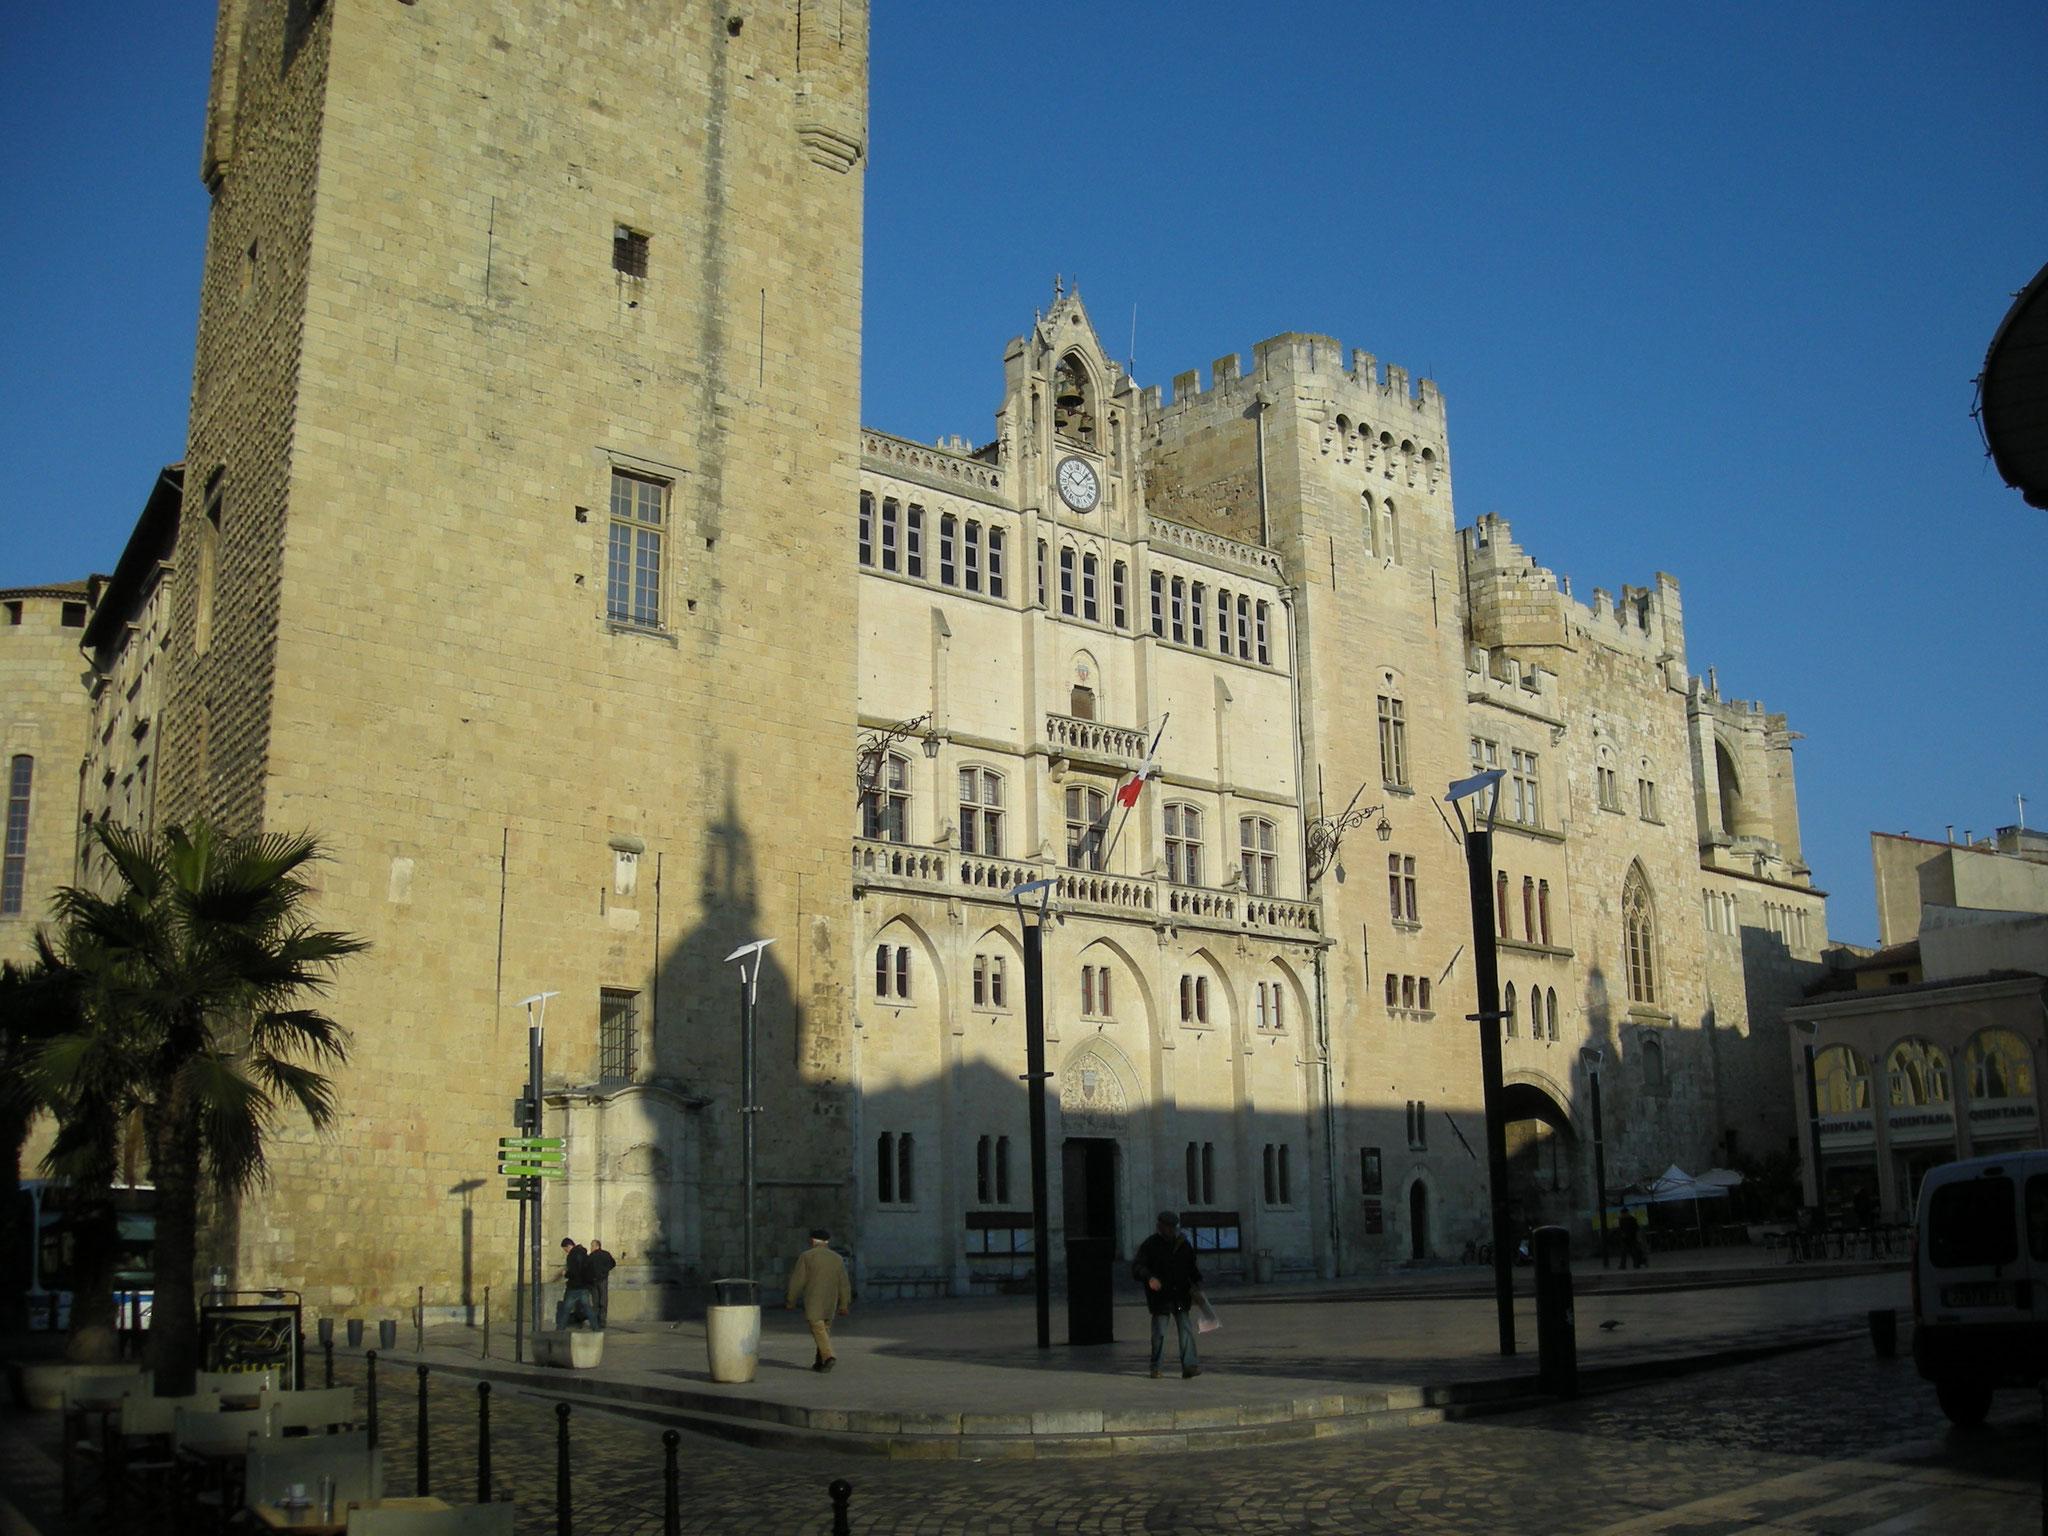 Le Palais des archevêques et le donjon Gilles Aycelin